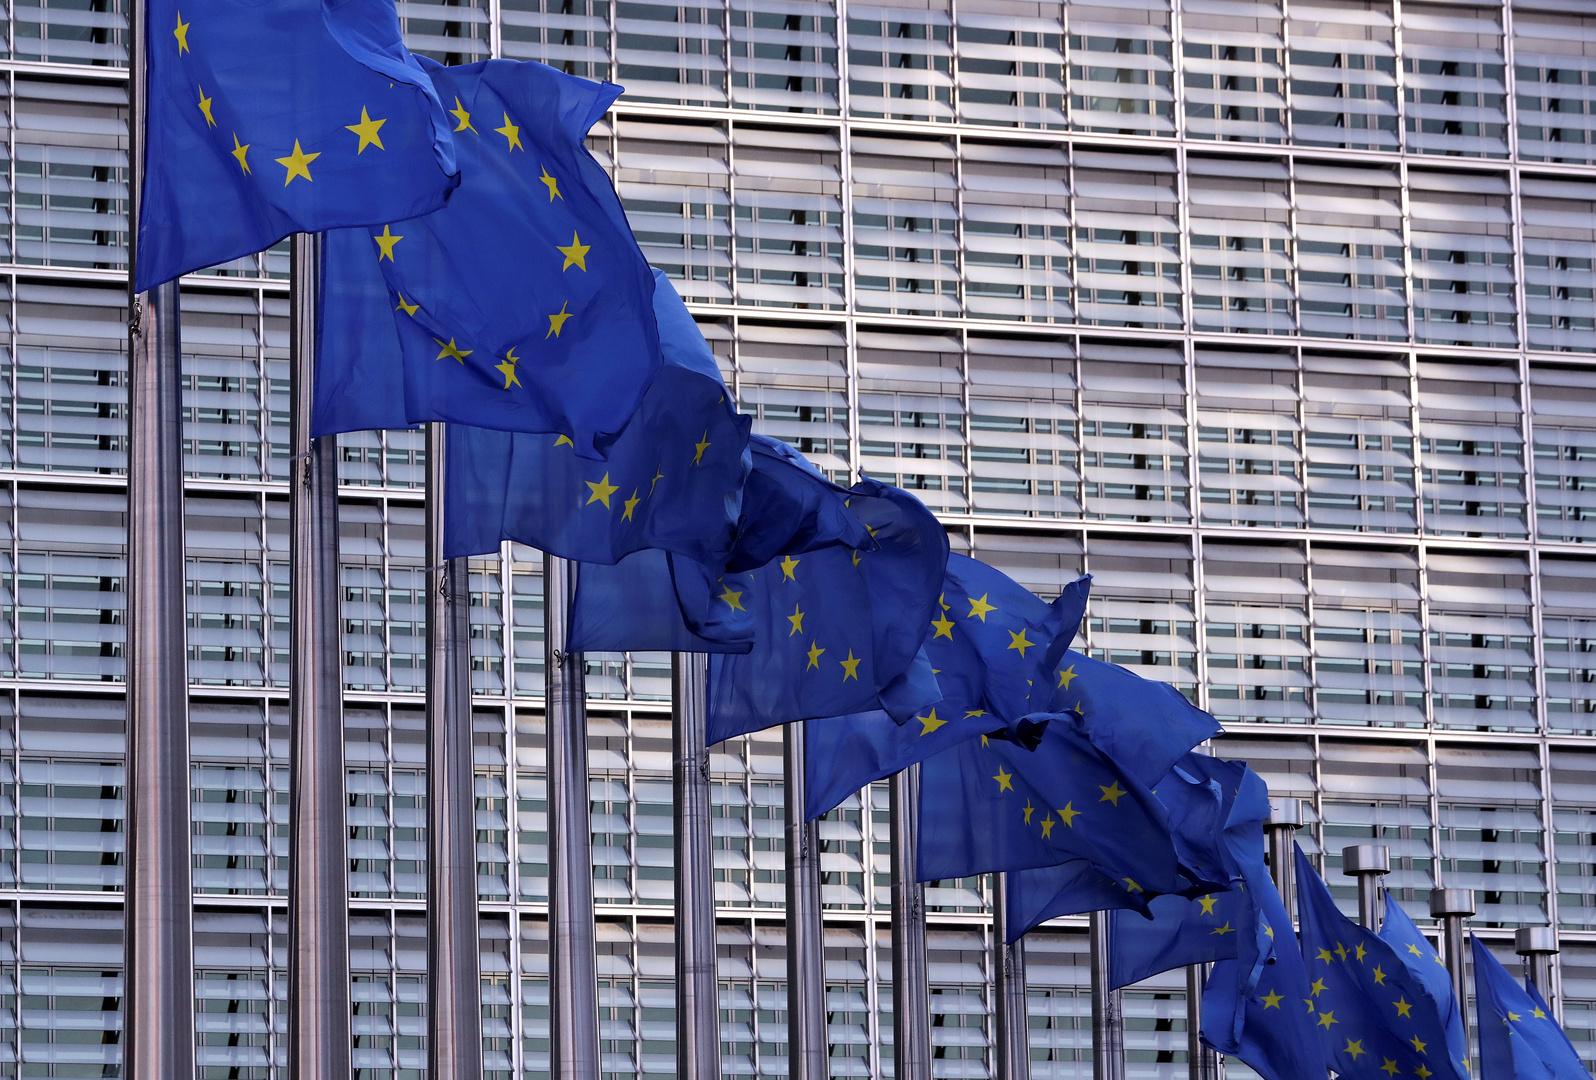 مسؤول بالاتحاد الأوروبي: نعمل ما في وسعنا لتجنيب ليبيا السيناريو السوري